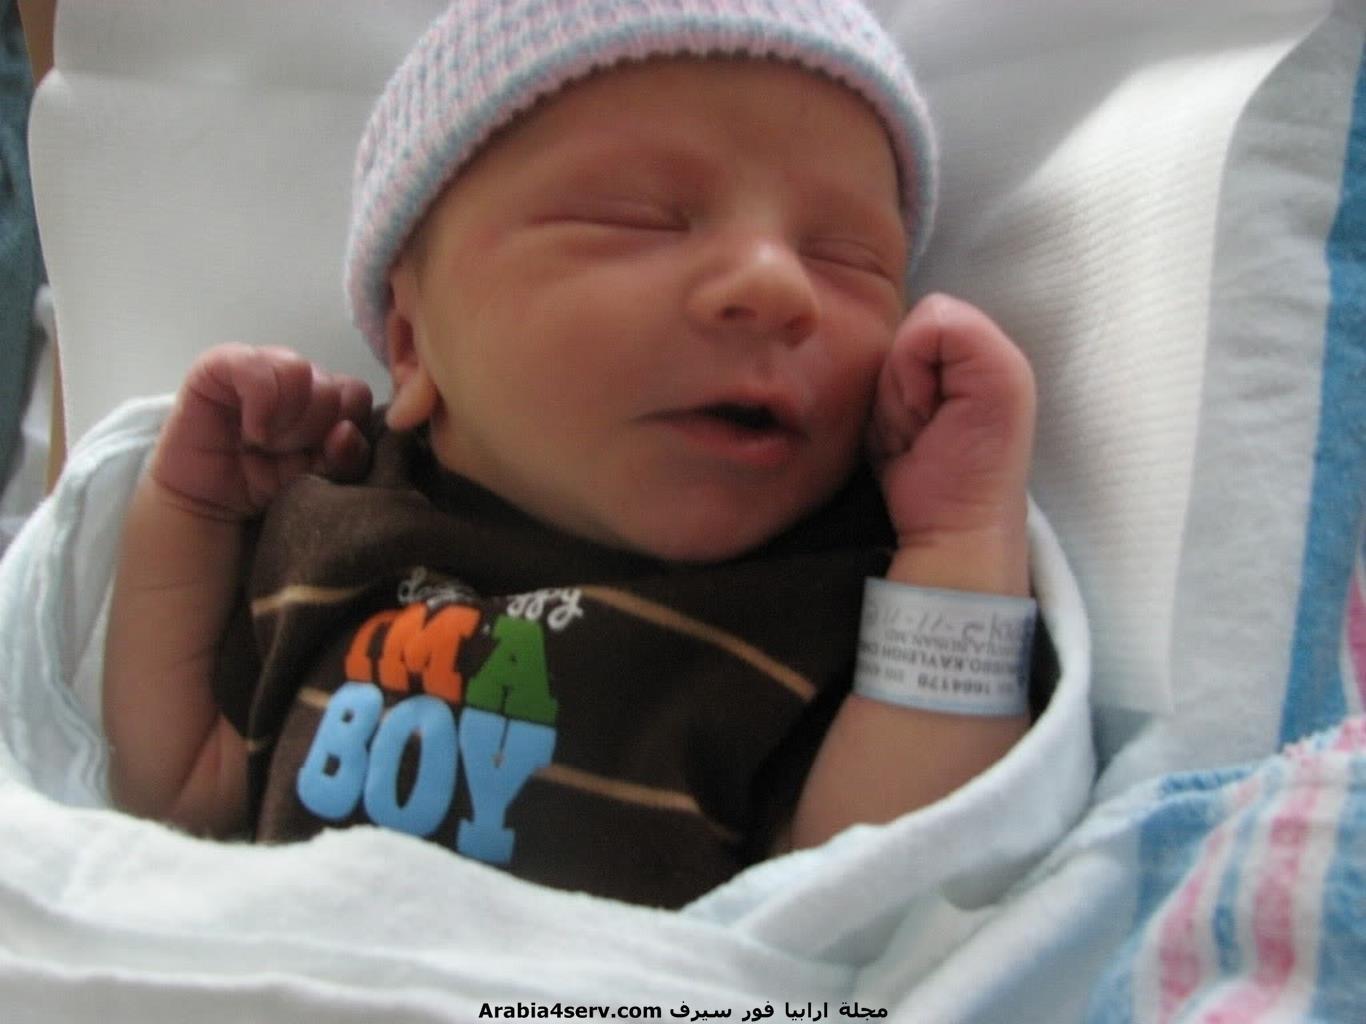 خلفيات-و-صور-اطفال-حديثي-الولادة-4